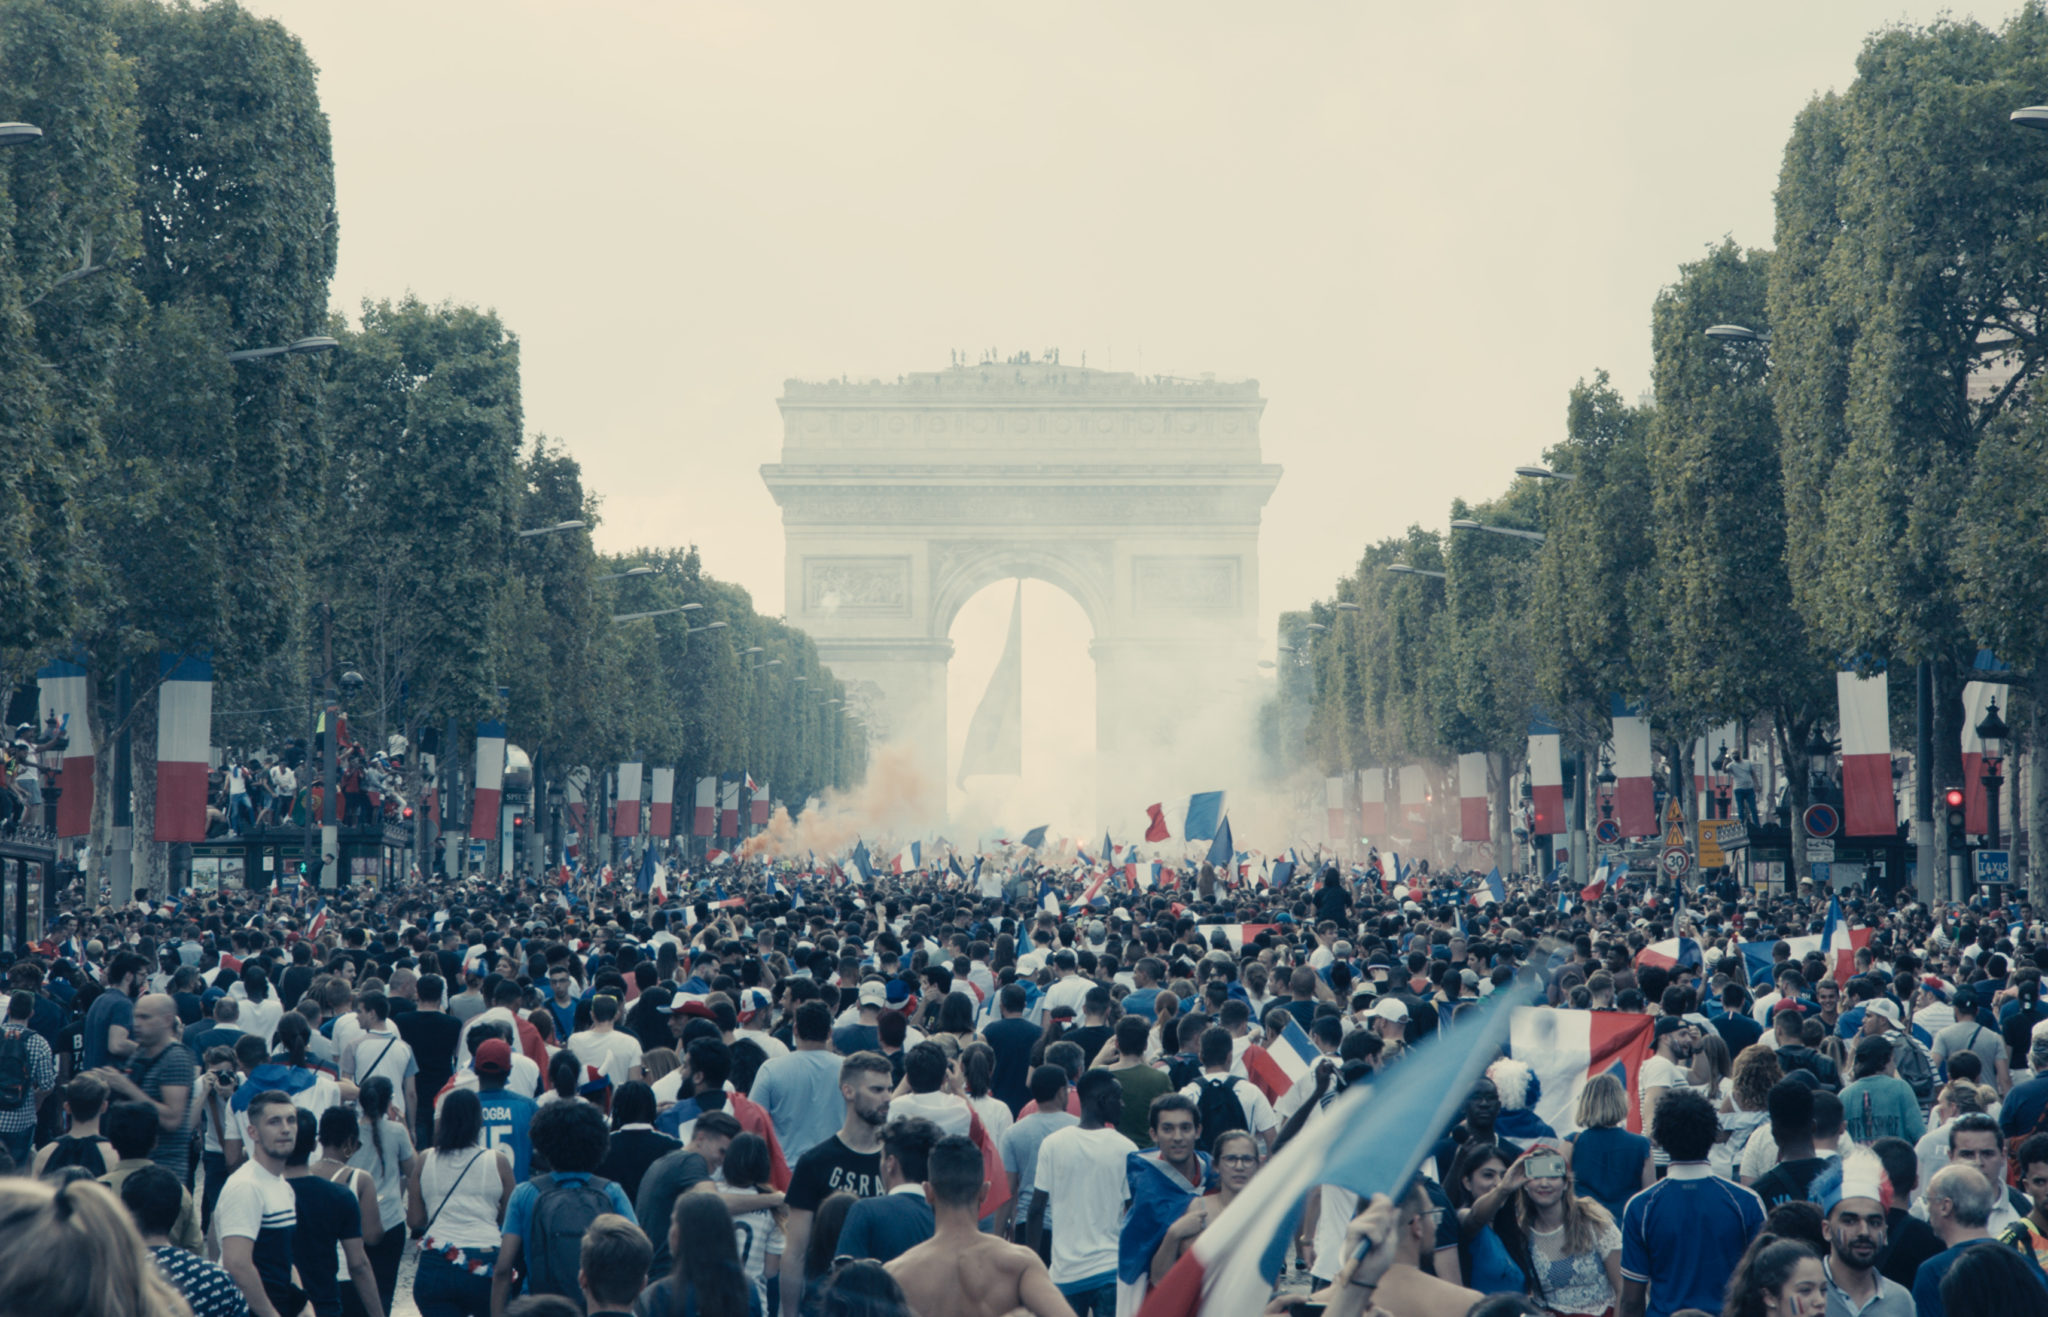 Les Misérables affiche film cannes 2019 critique avis